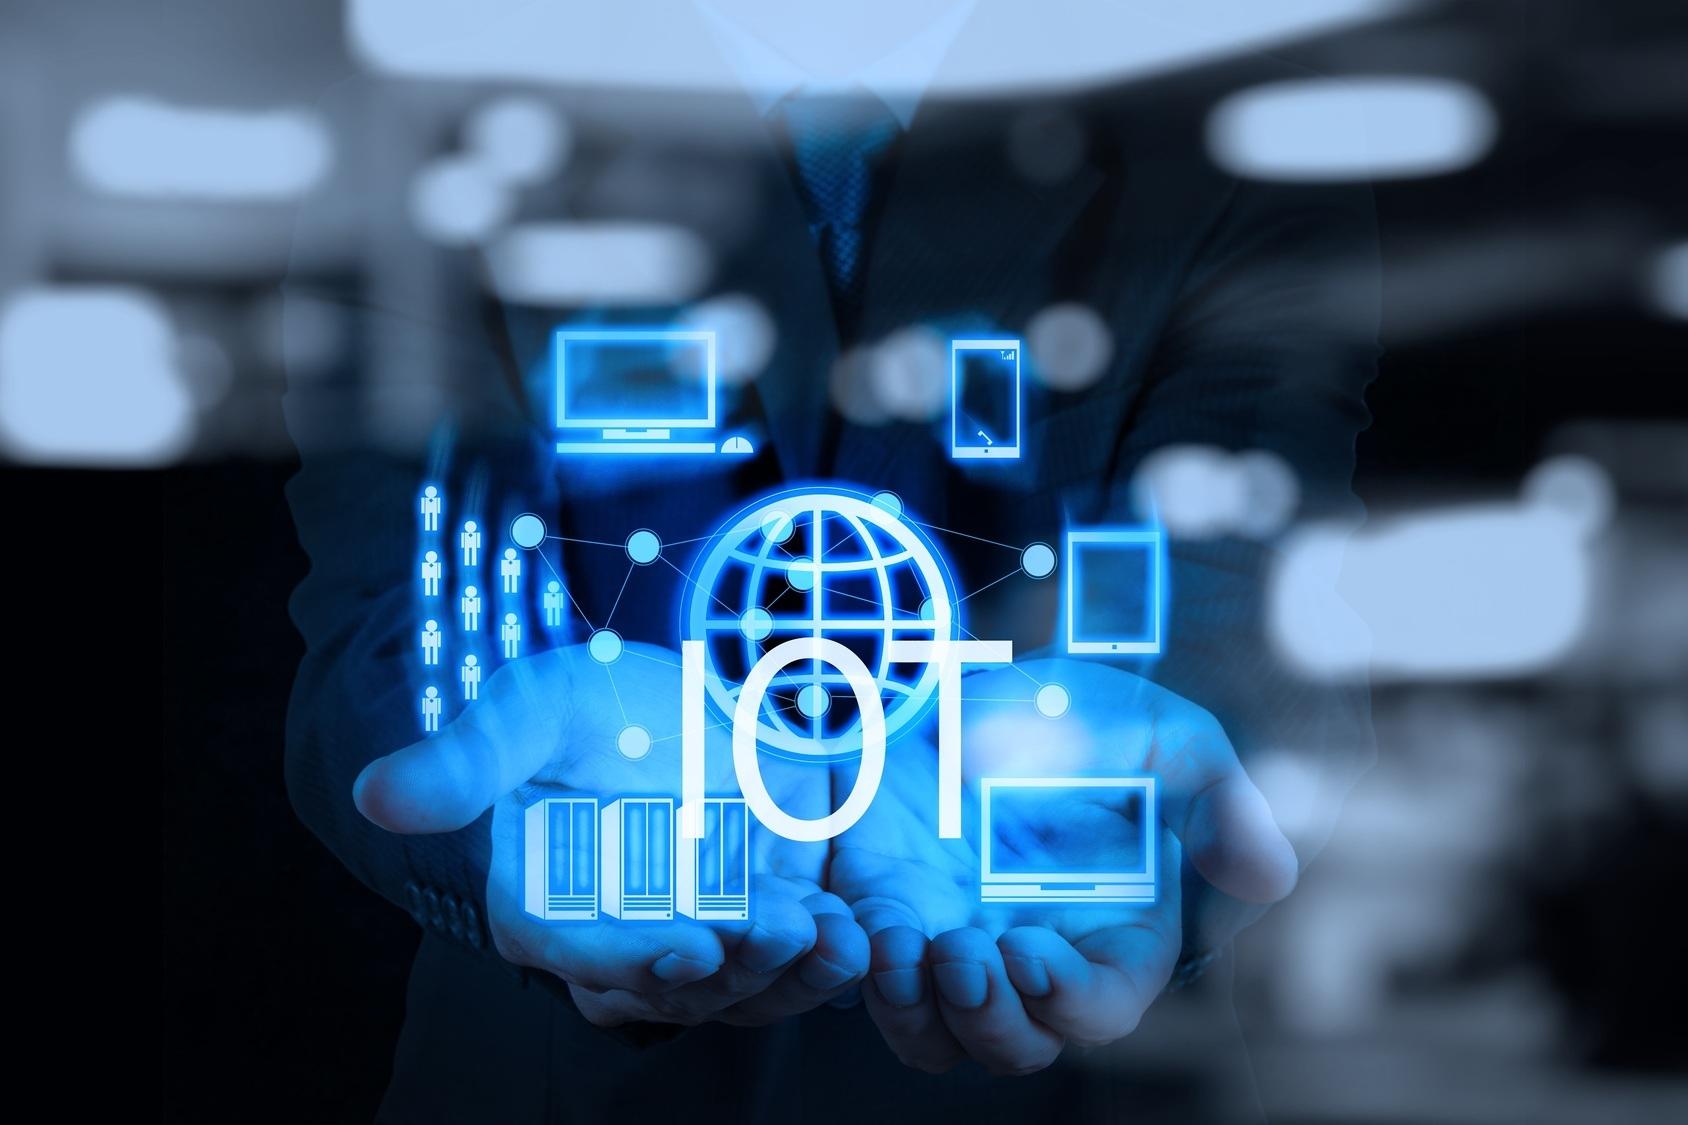 IoT блокчейн недостающее звено